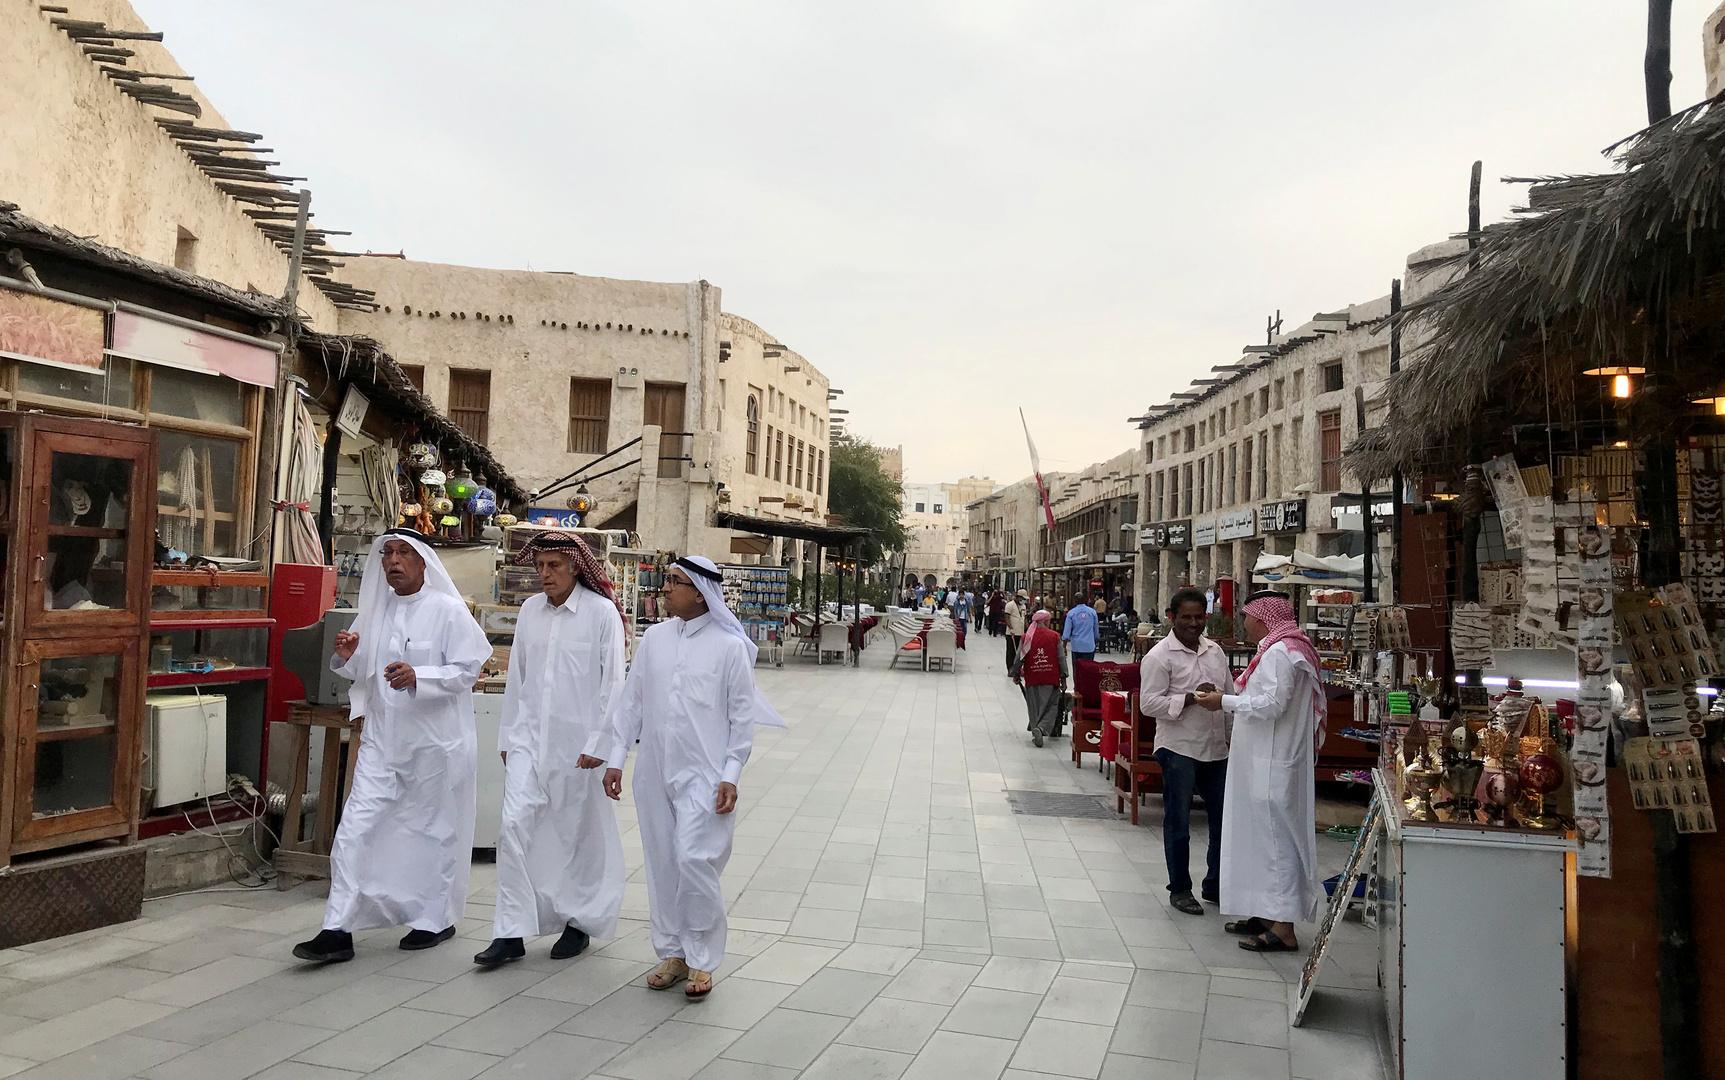 قطر تسجل 470 إصابة جديدة بكورونا في أقل معدل منذ أكثر من شهرين